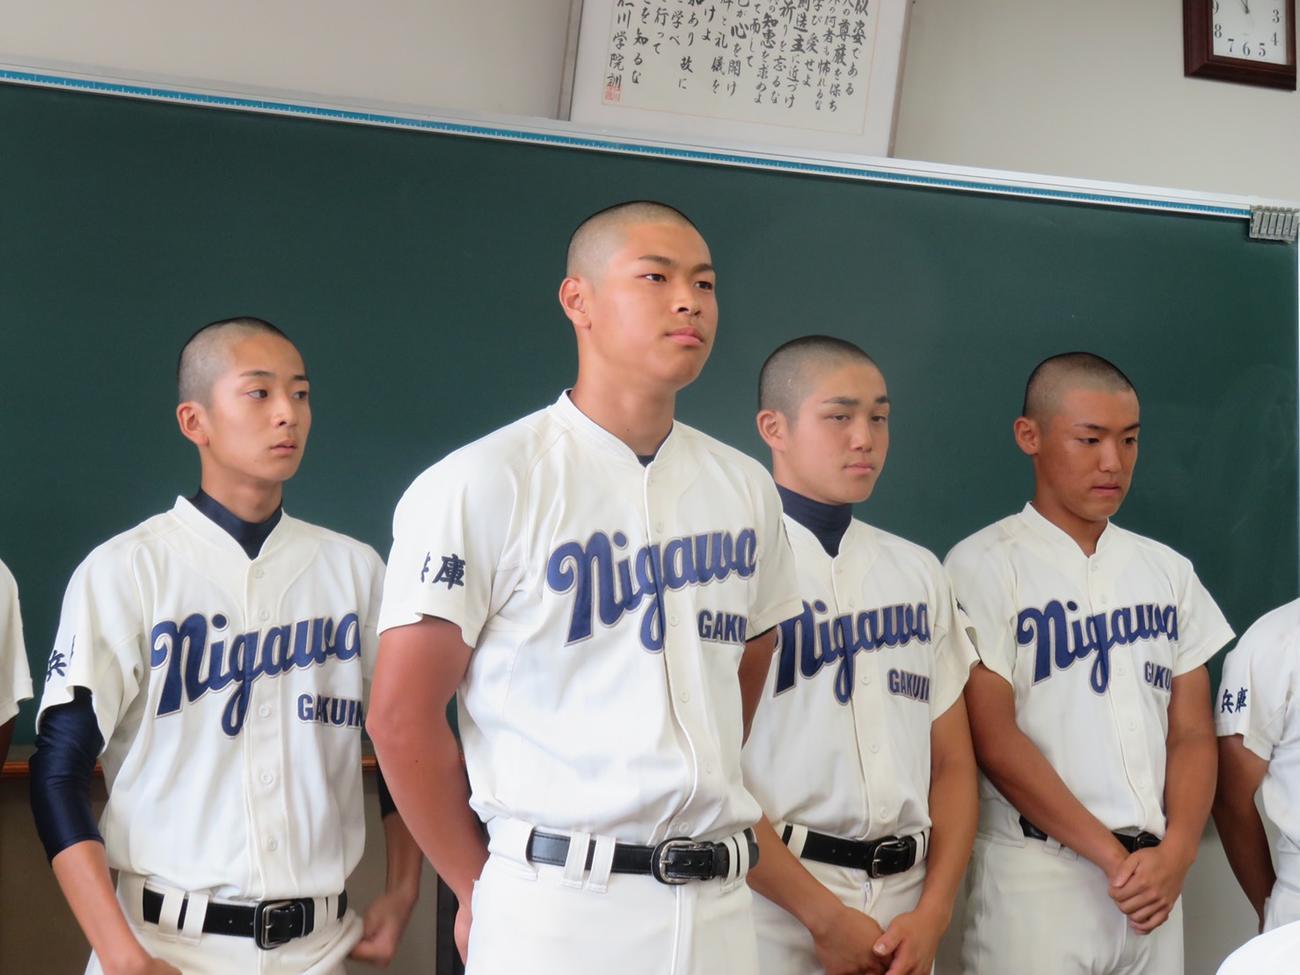 仁川学院3年夏の大会前の壮行会に出席した佐藤輝(左から2人目)(家族提供)